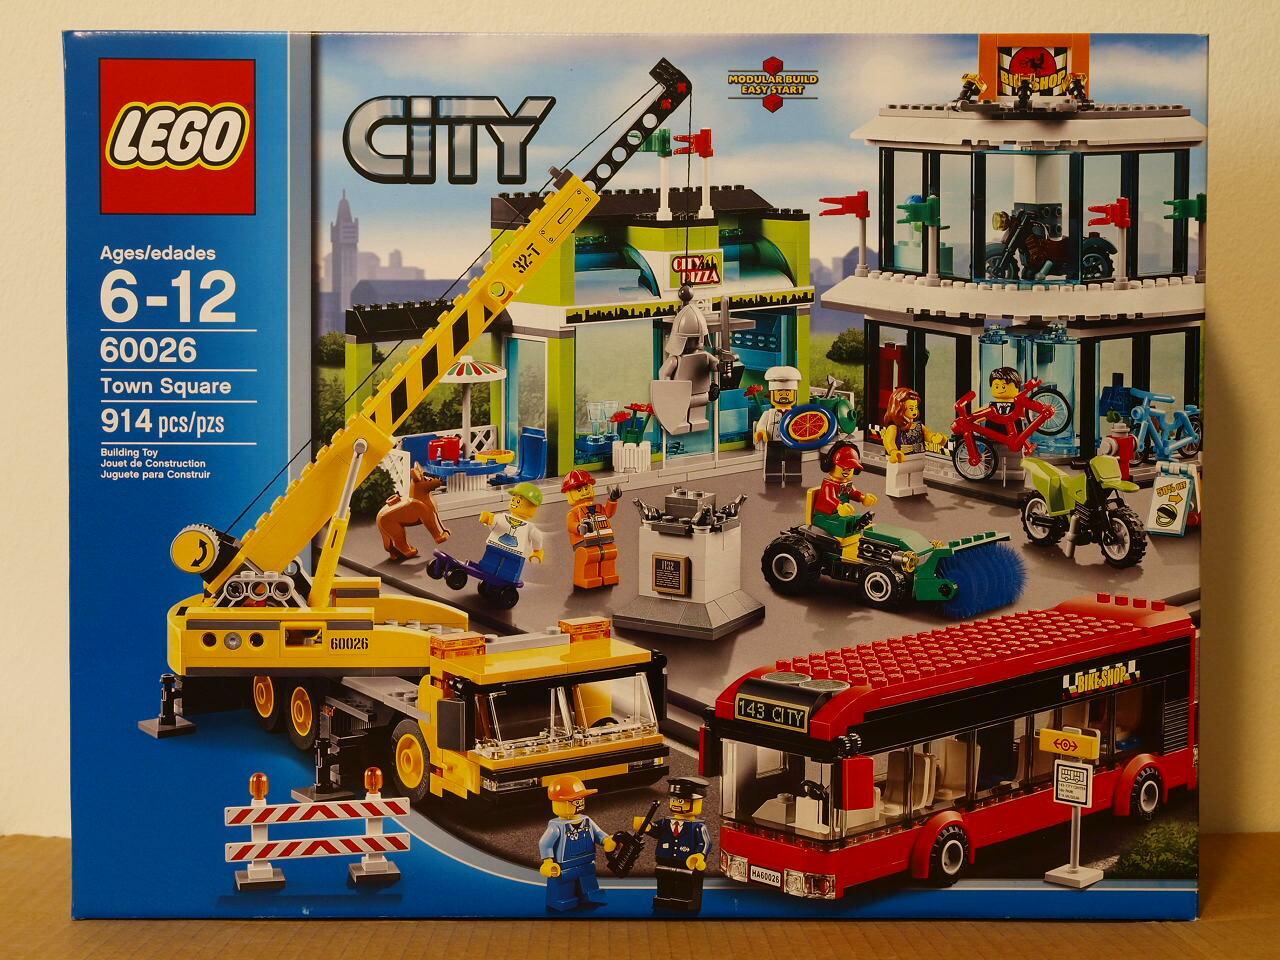 Brand nouveau LEGO City Town  Square 60026 MISB Sealed US seller  design simple et généreux